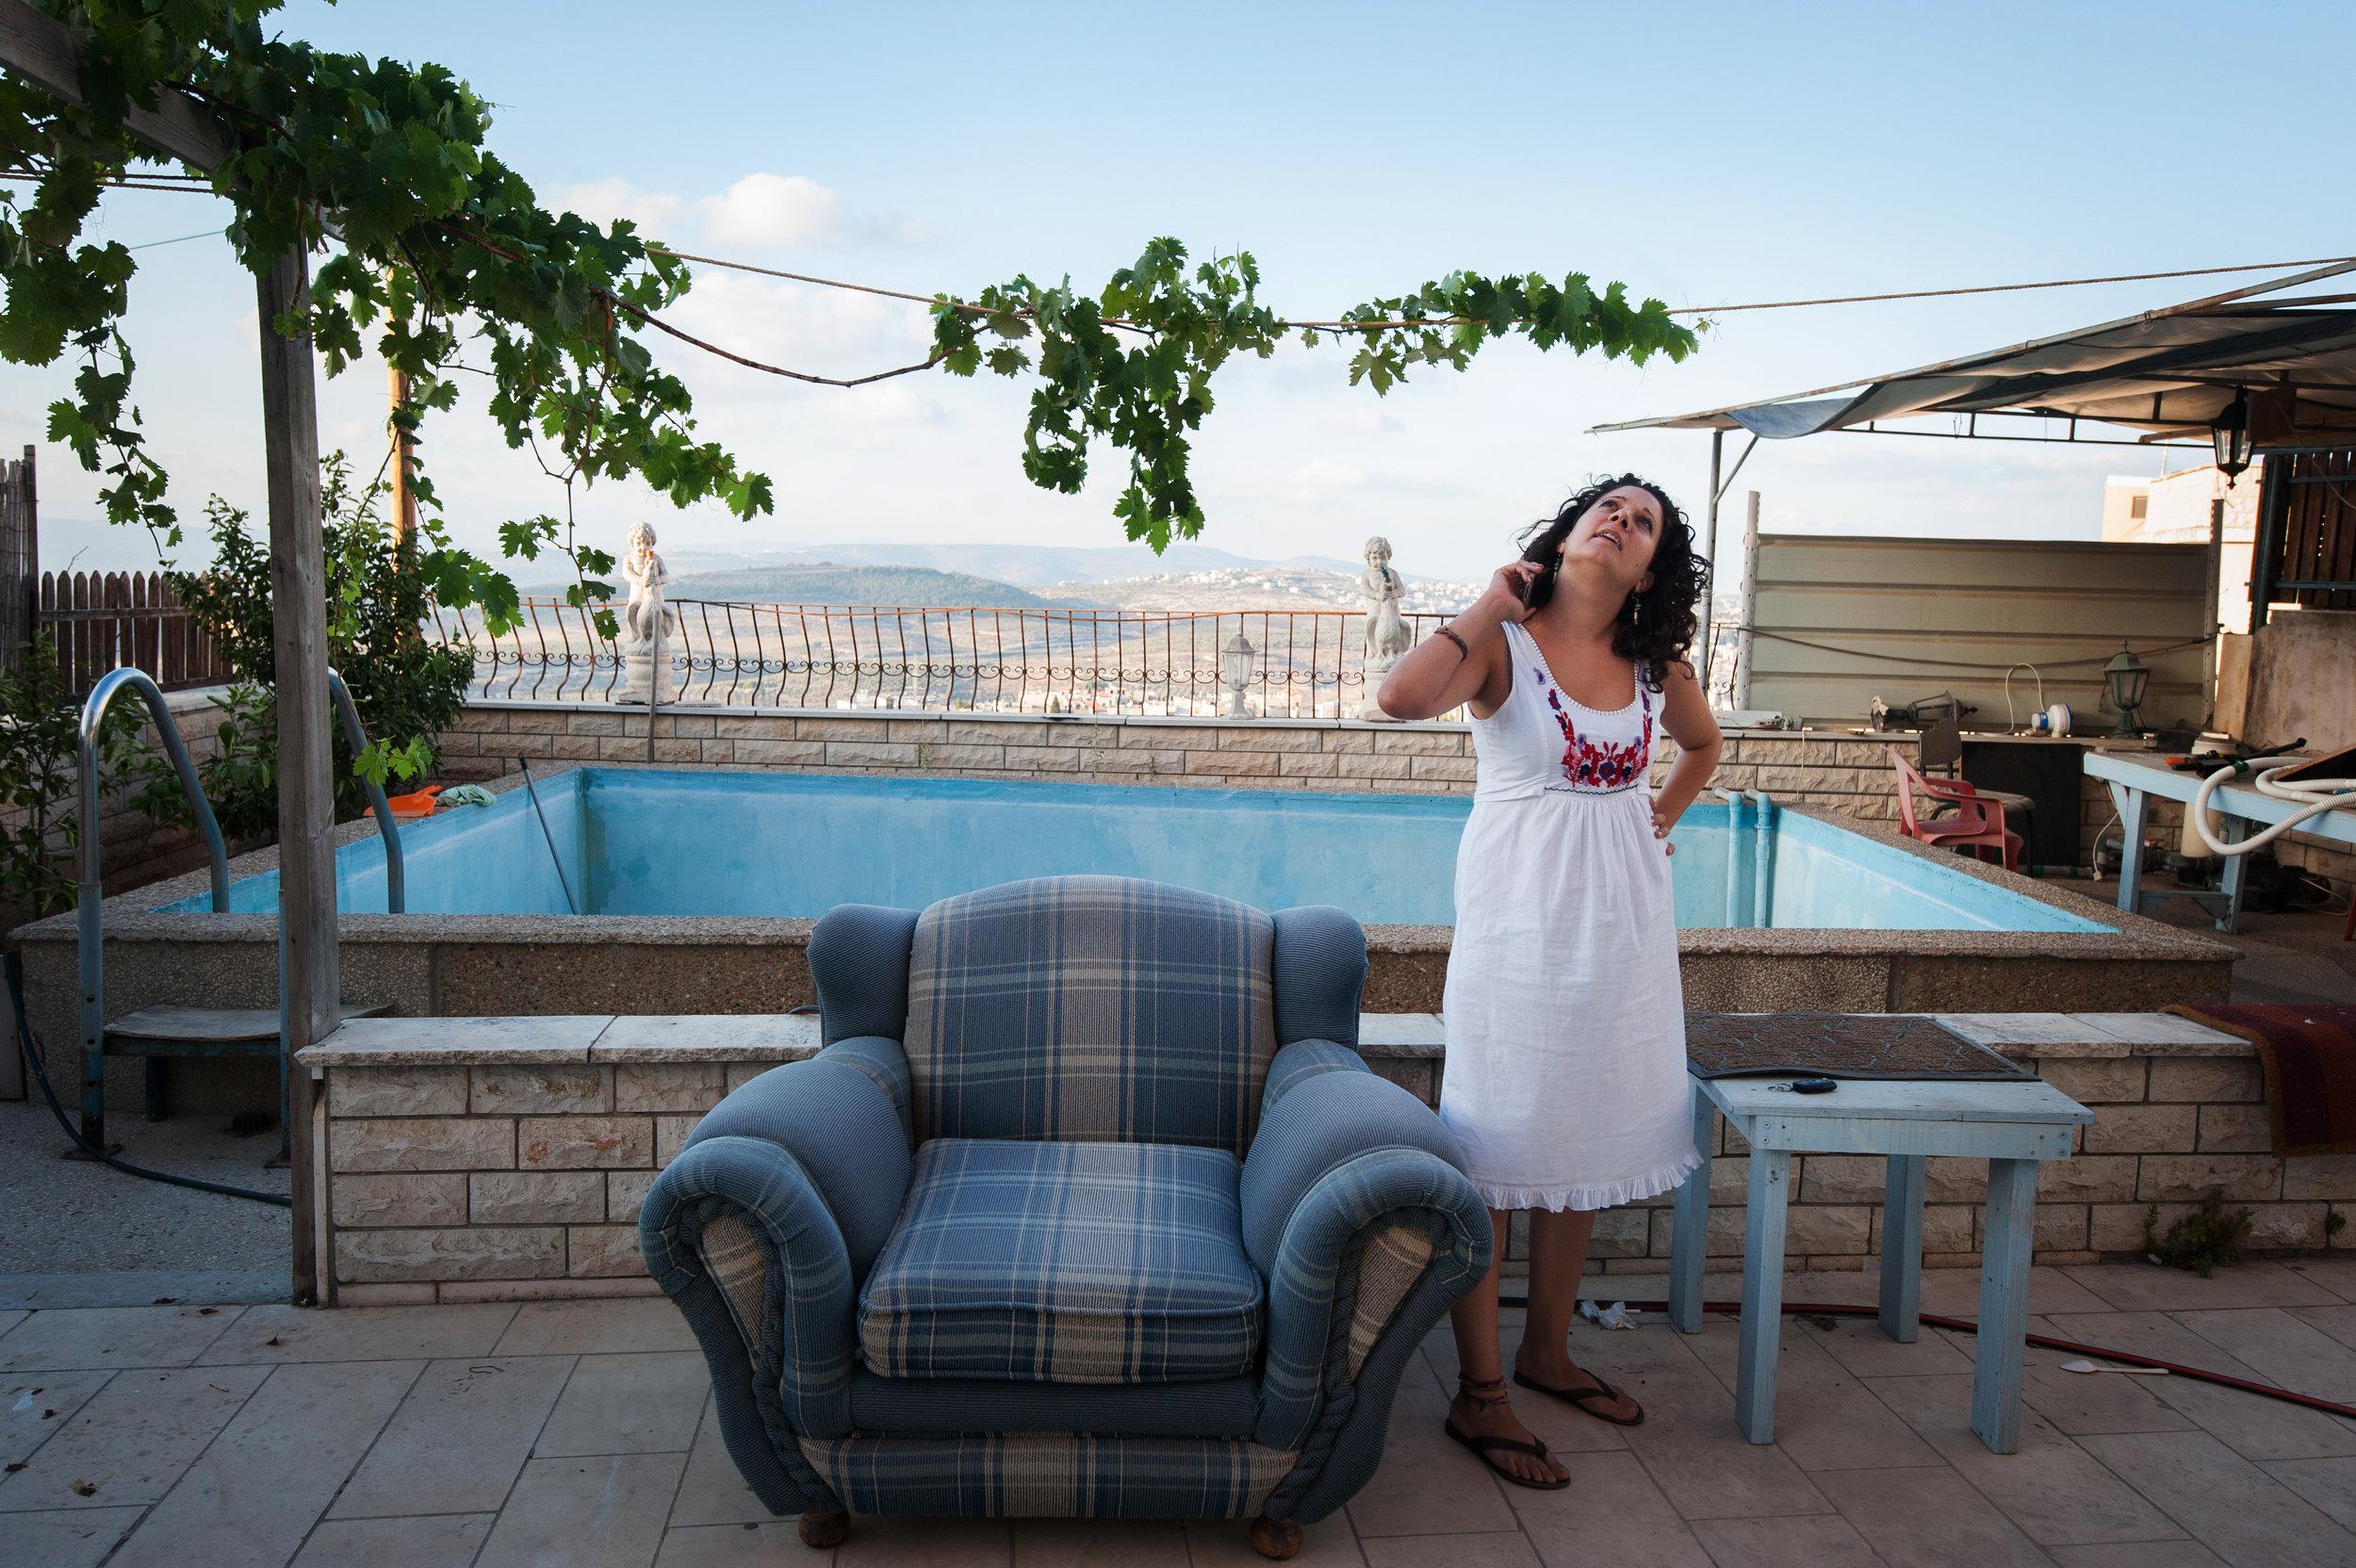 haifa_30.jpg